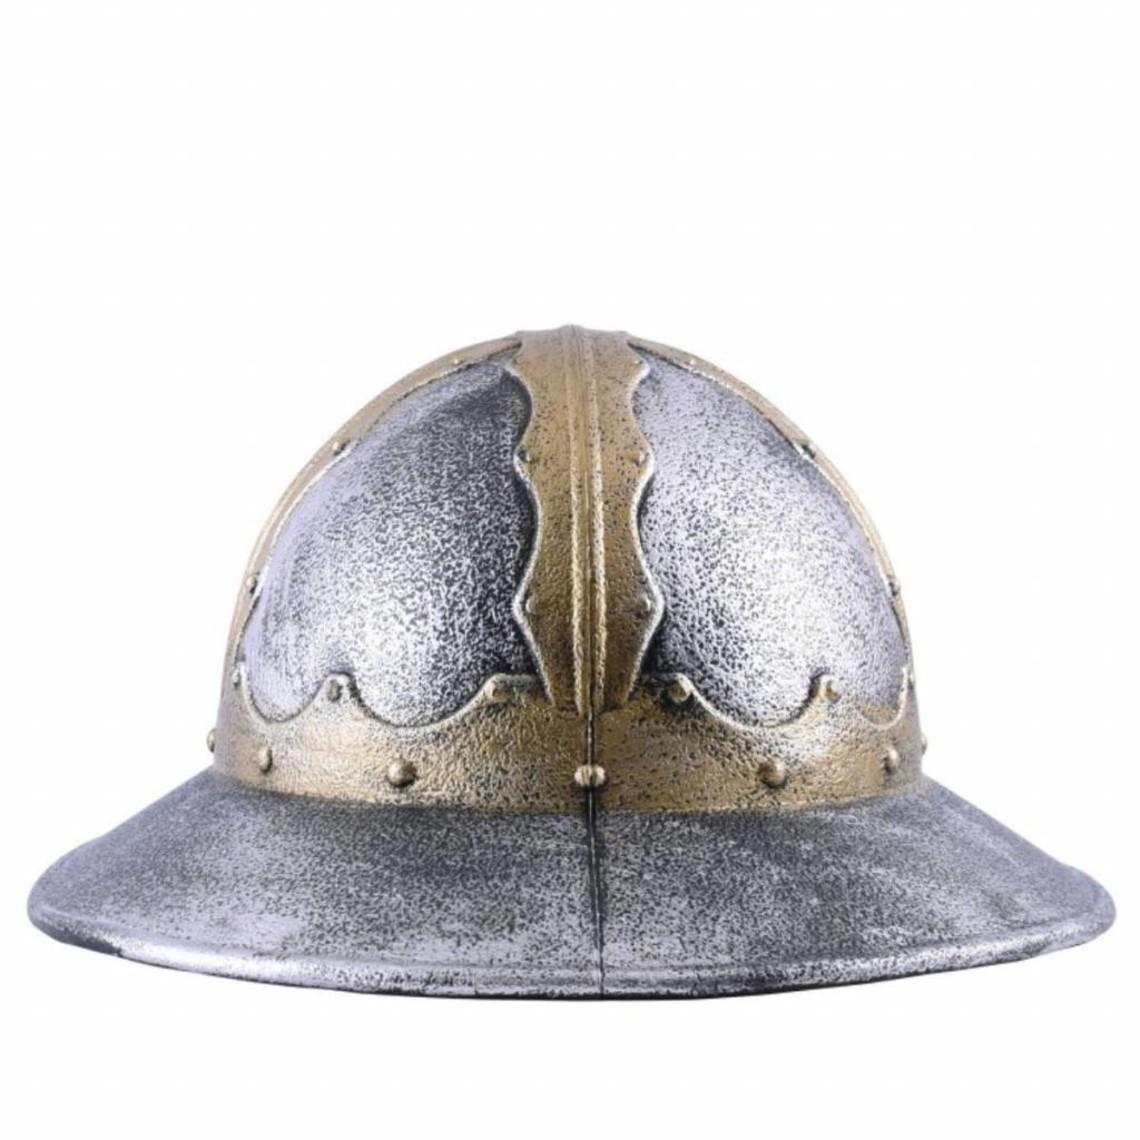 X-Mas Bollitore Medievale Cappello Casco ricostruzione storica Larp Role-Play Fanteria Spagnola